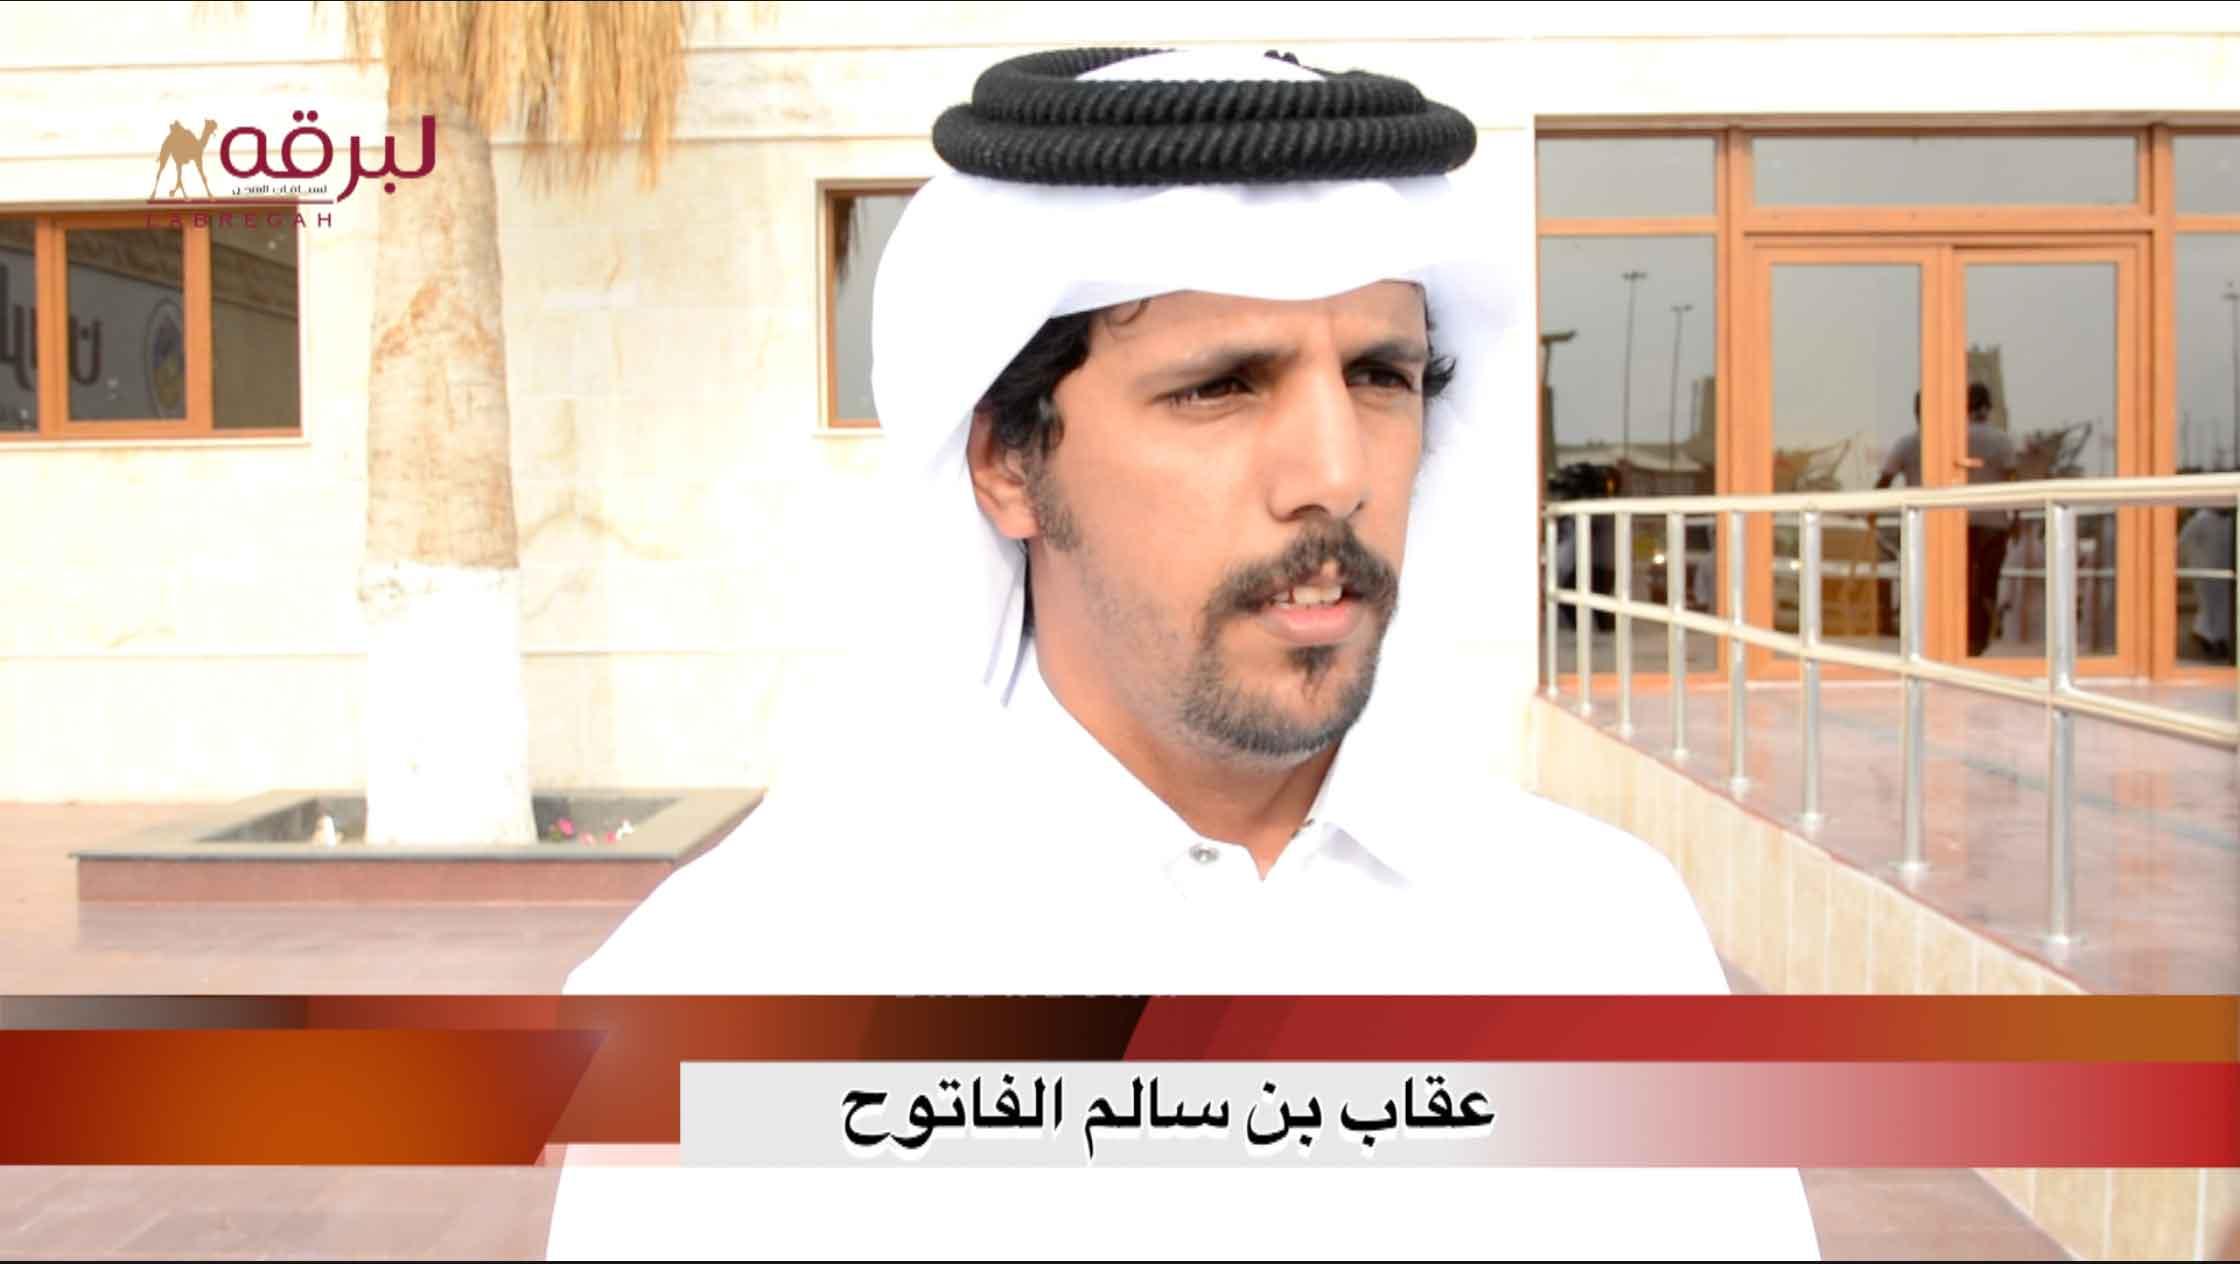 لقاء مع عقاب بن سالم الفاتوح.. الخنجر الفضي للقايا قعدان « عمانيات » الأشواط العامة ١-١٢-٢٠٢٠